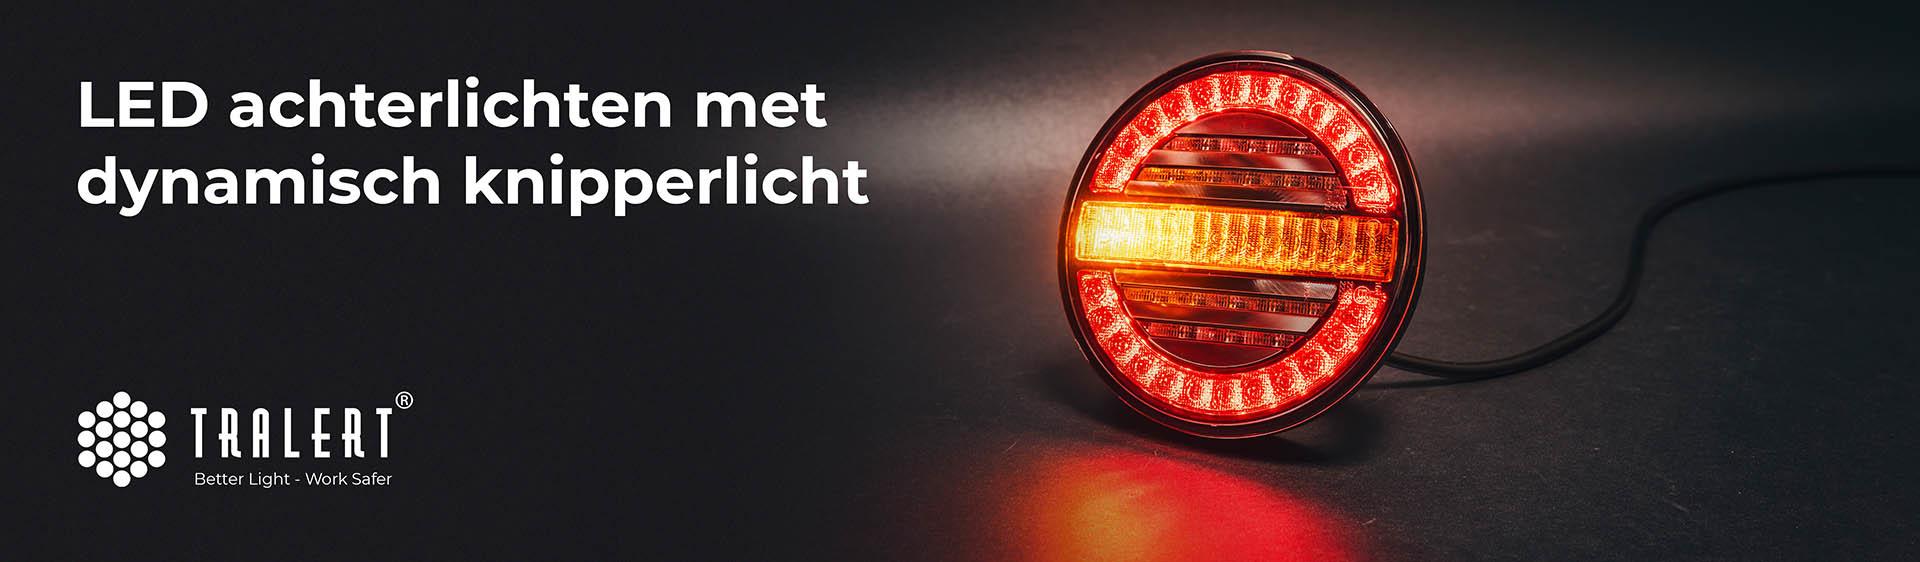 LED achterlichten dynamisch knipperlicht Tralert banner